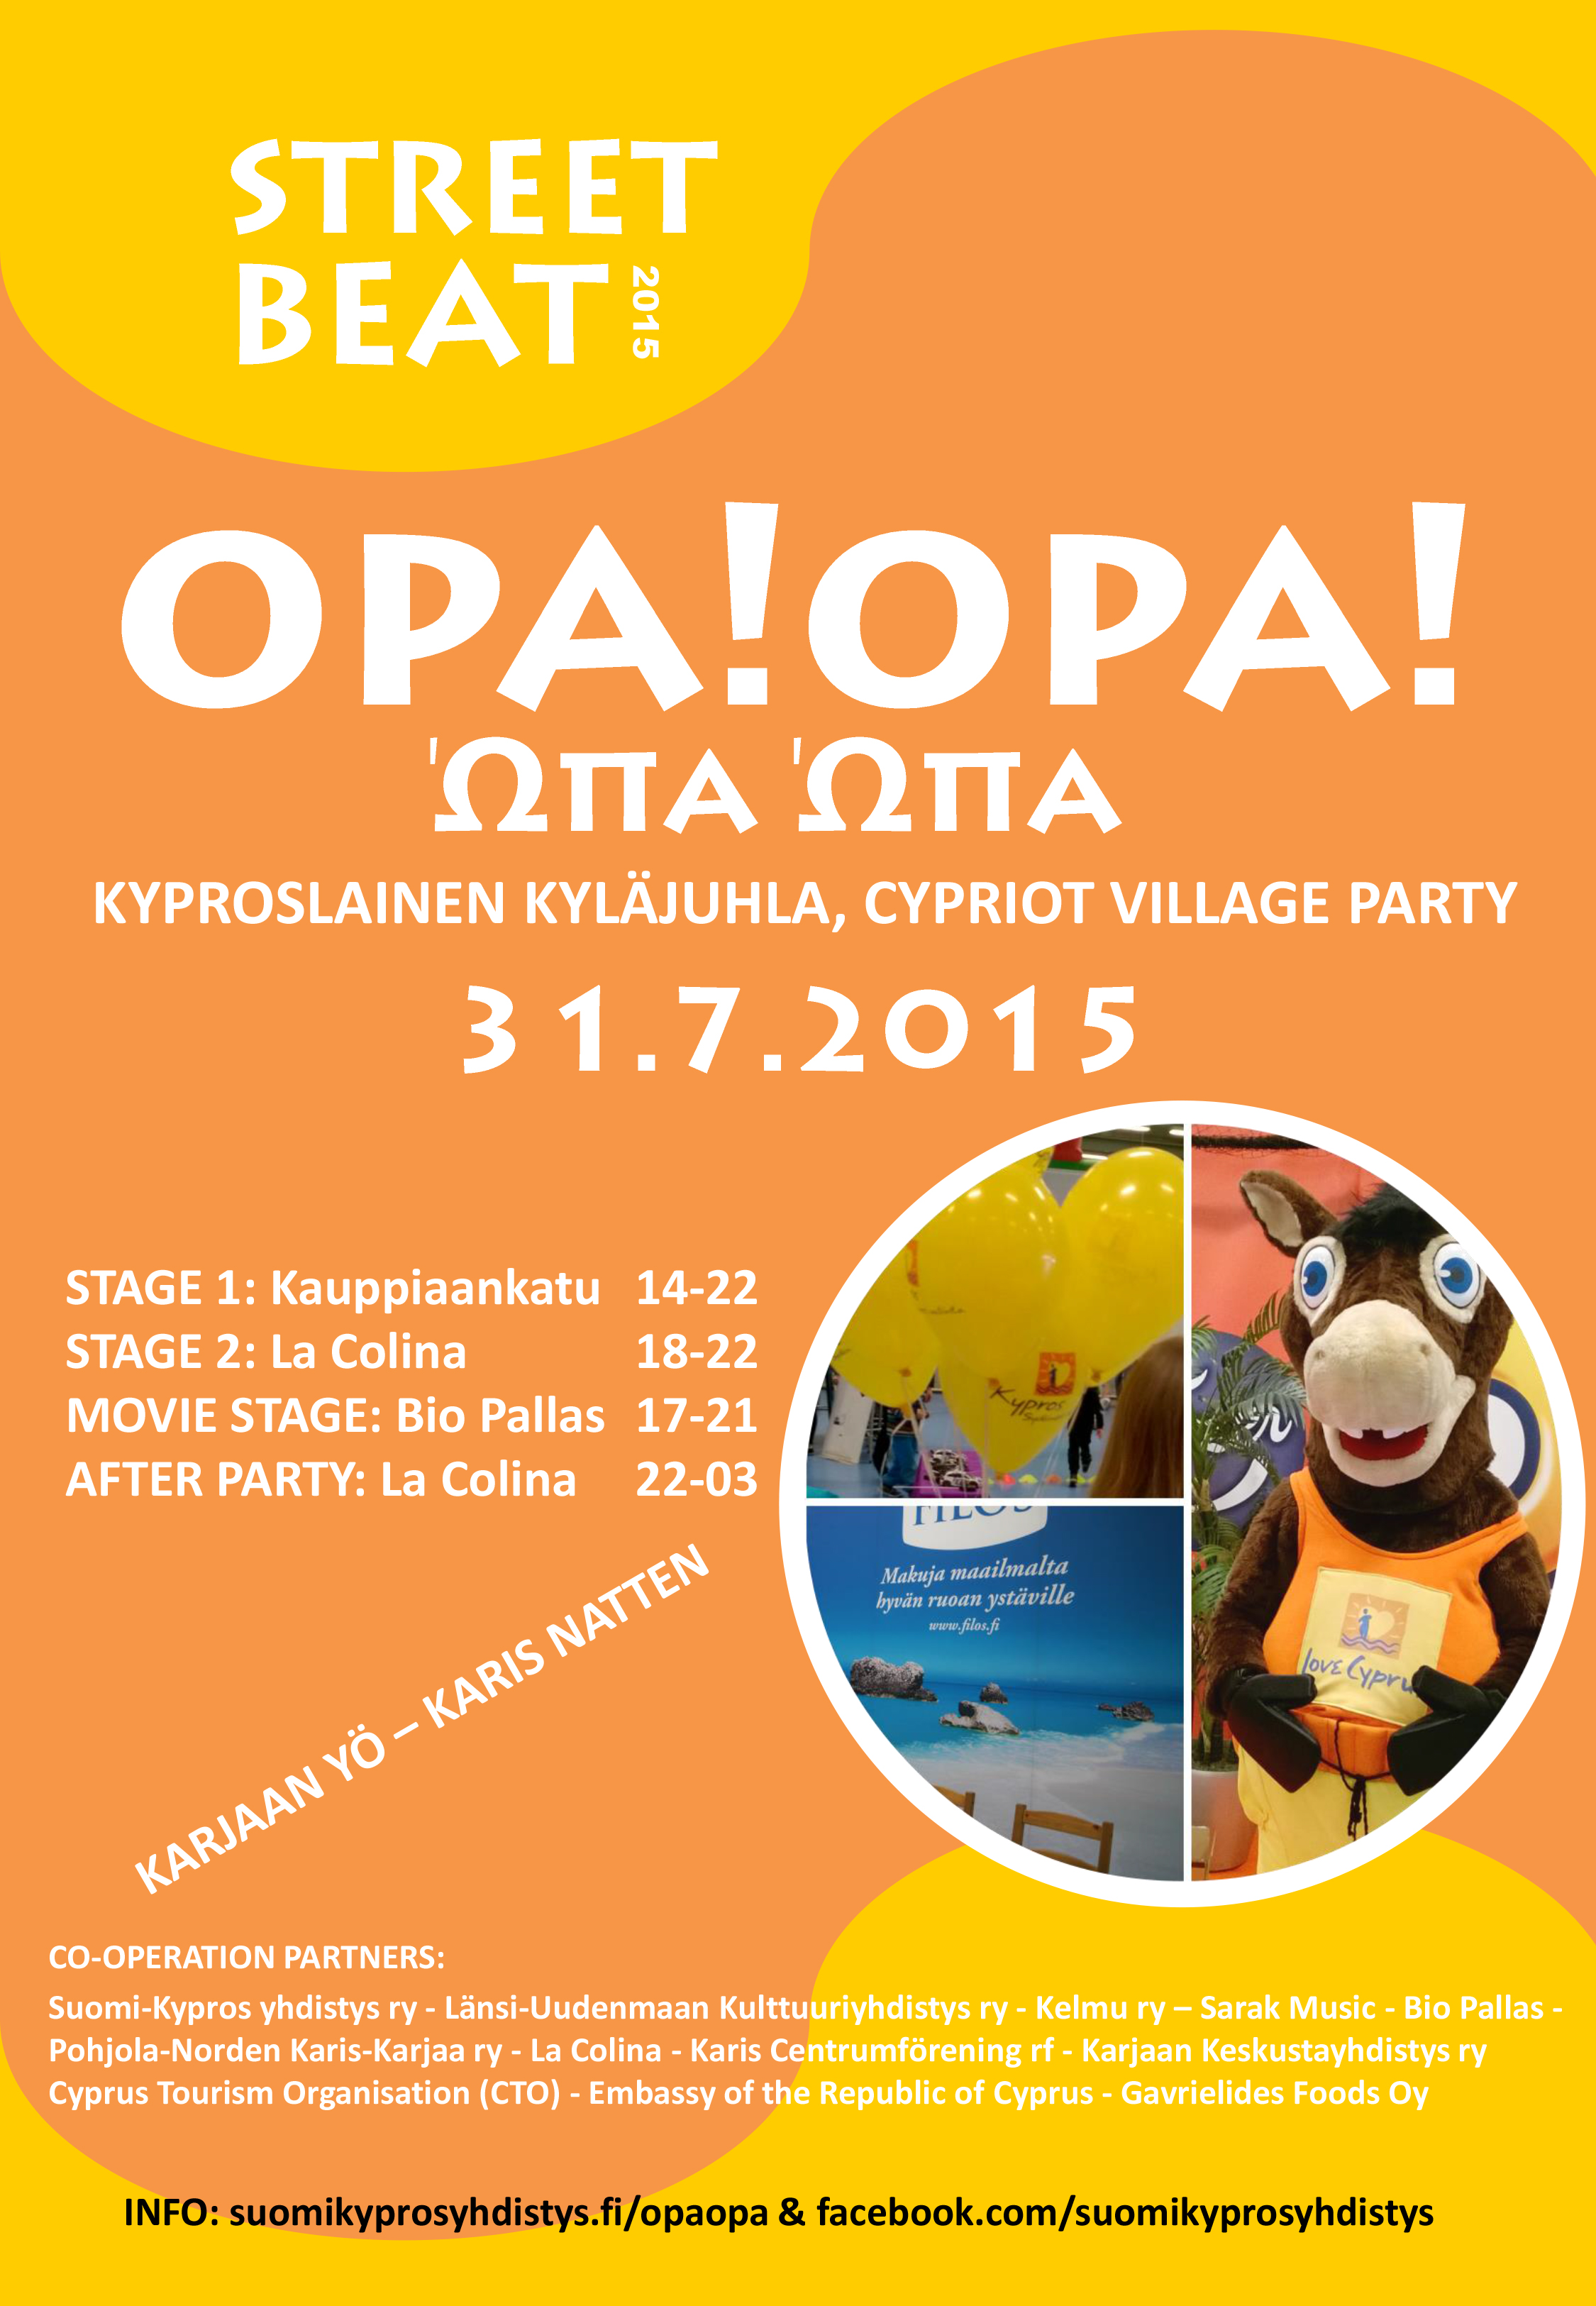 opa-opa-streetbeat2015